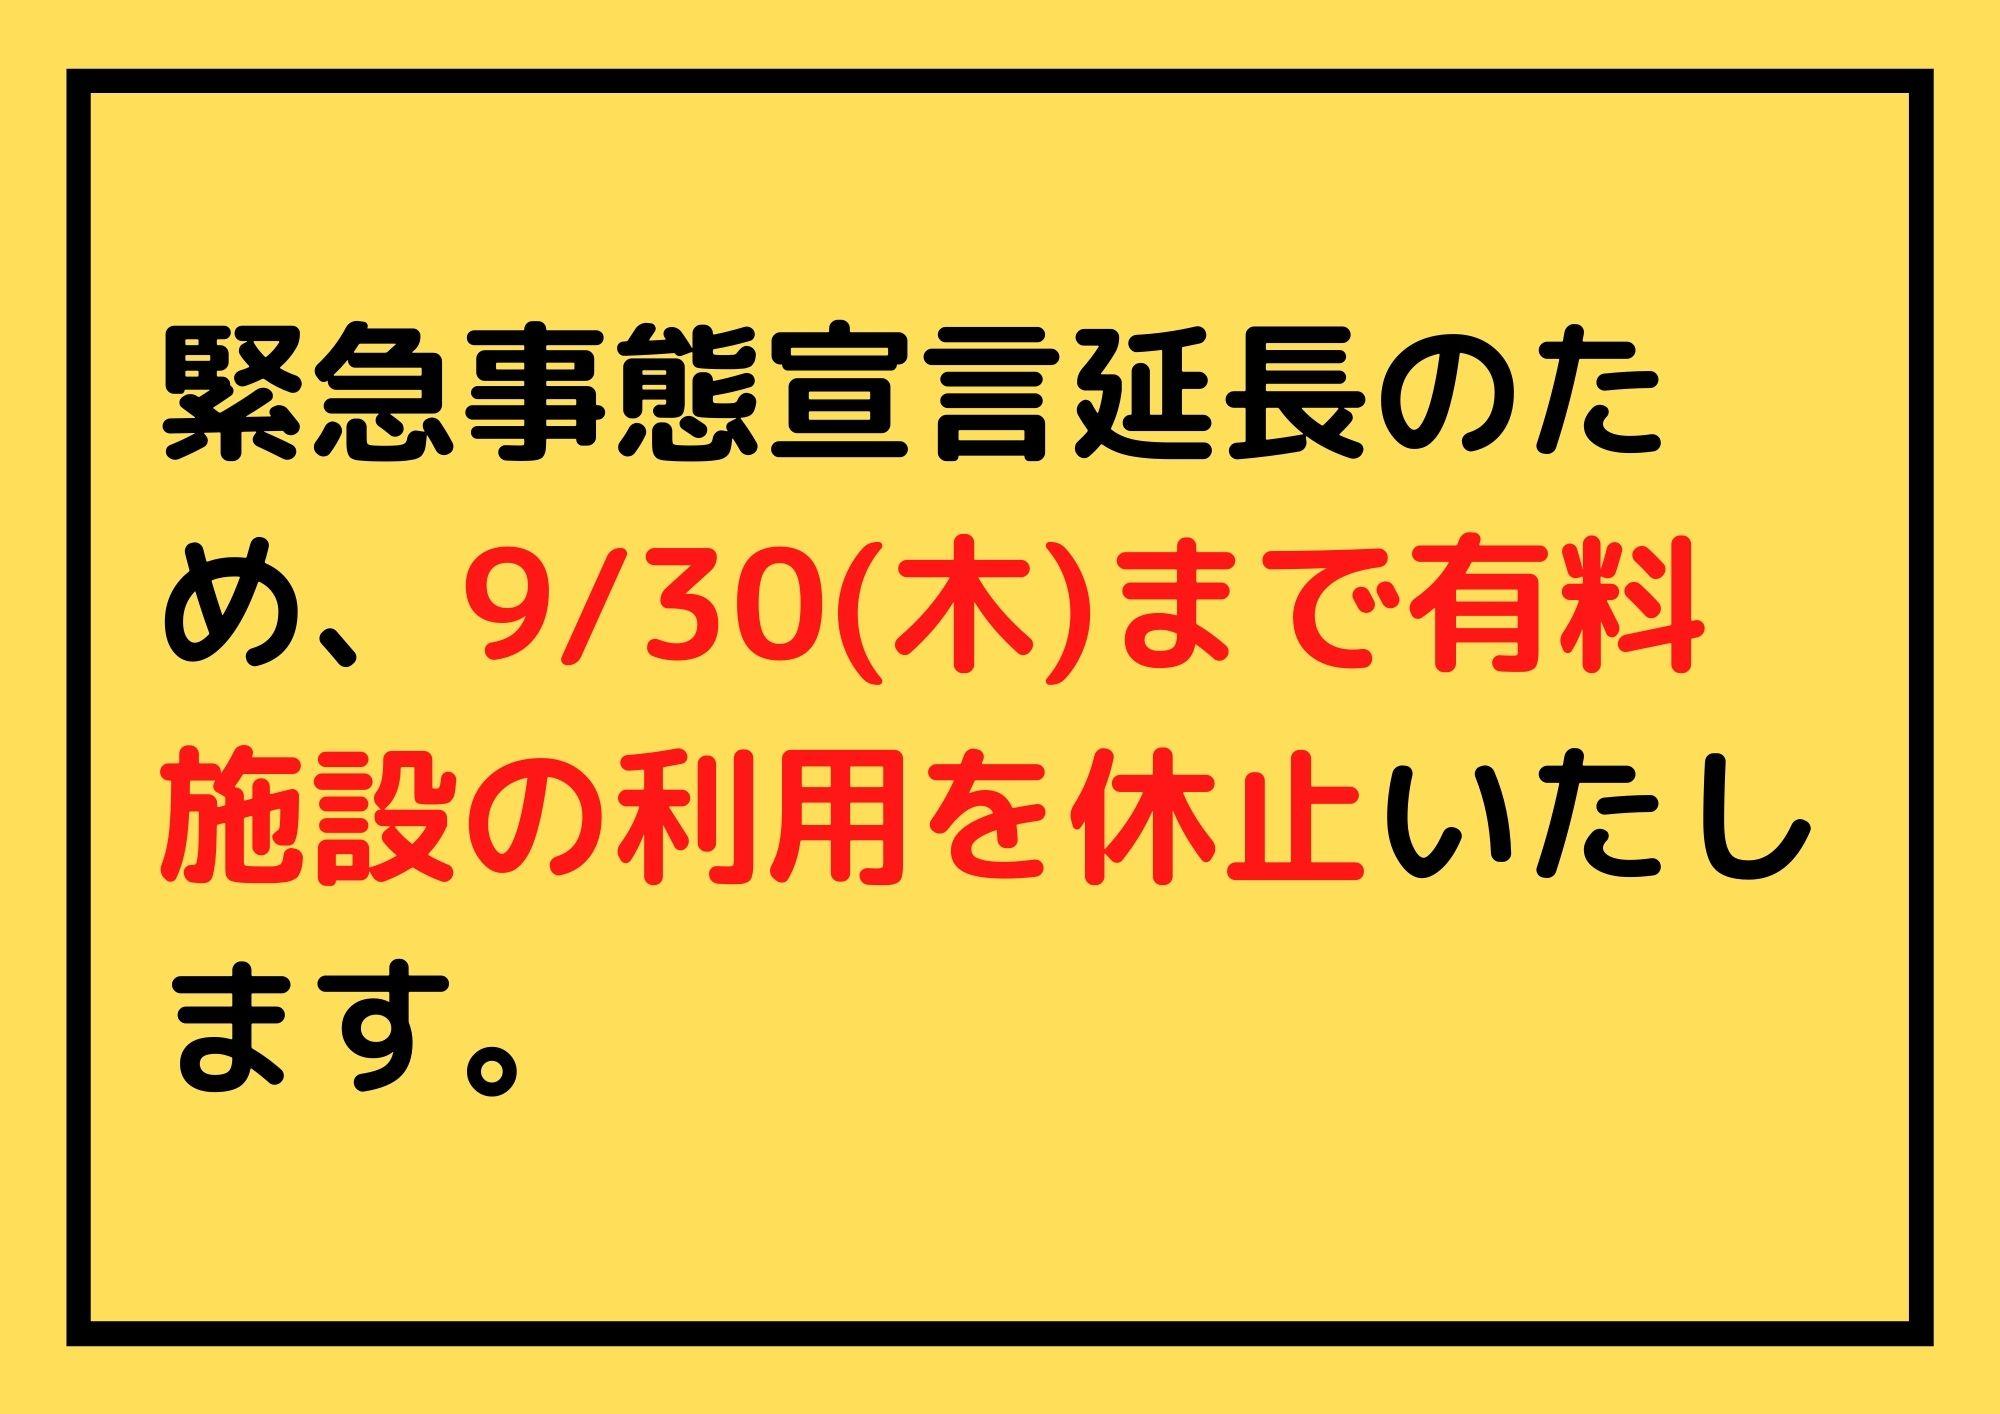 9/30まで有料施設をすべて休止いたします。